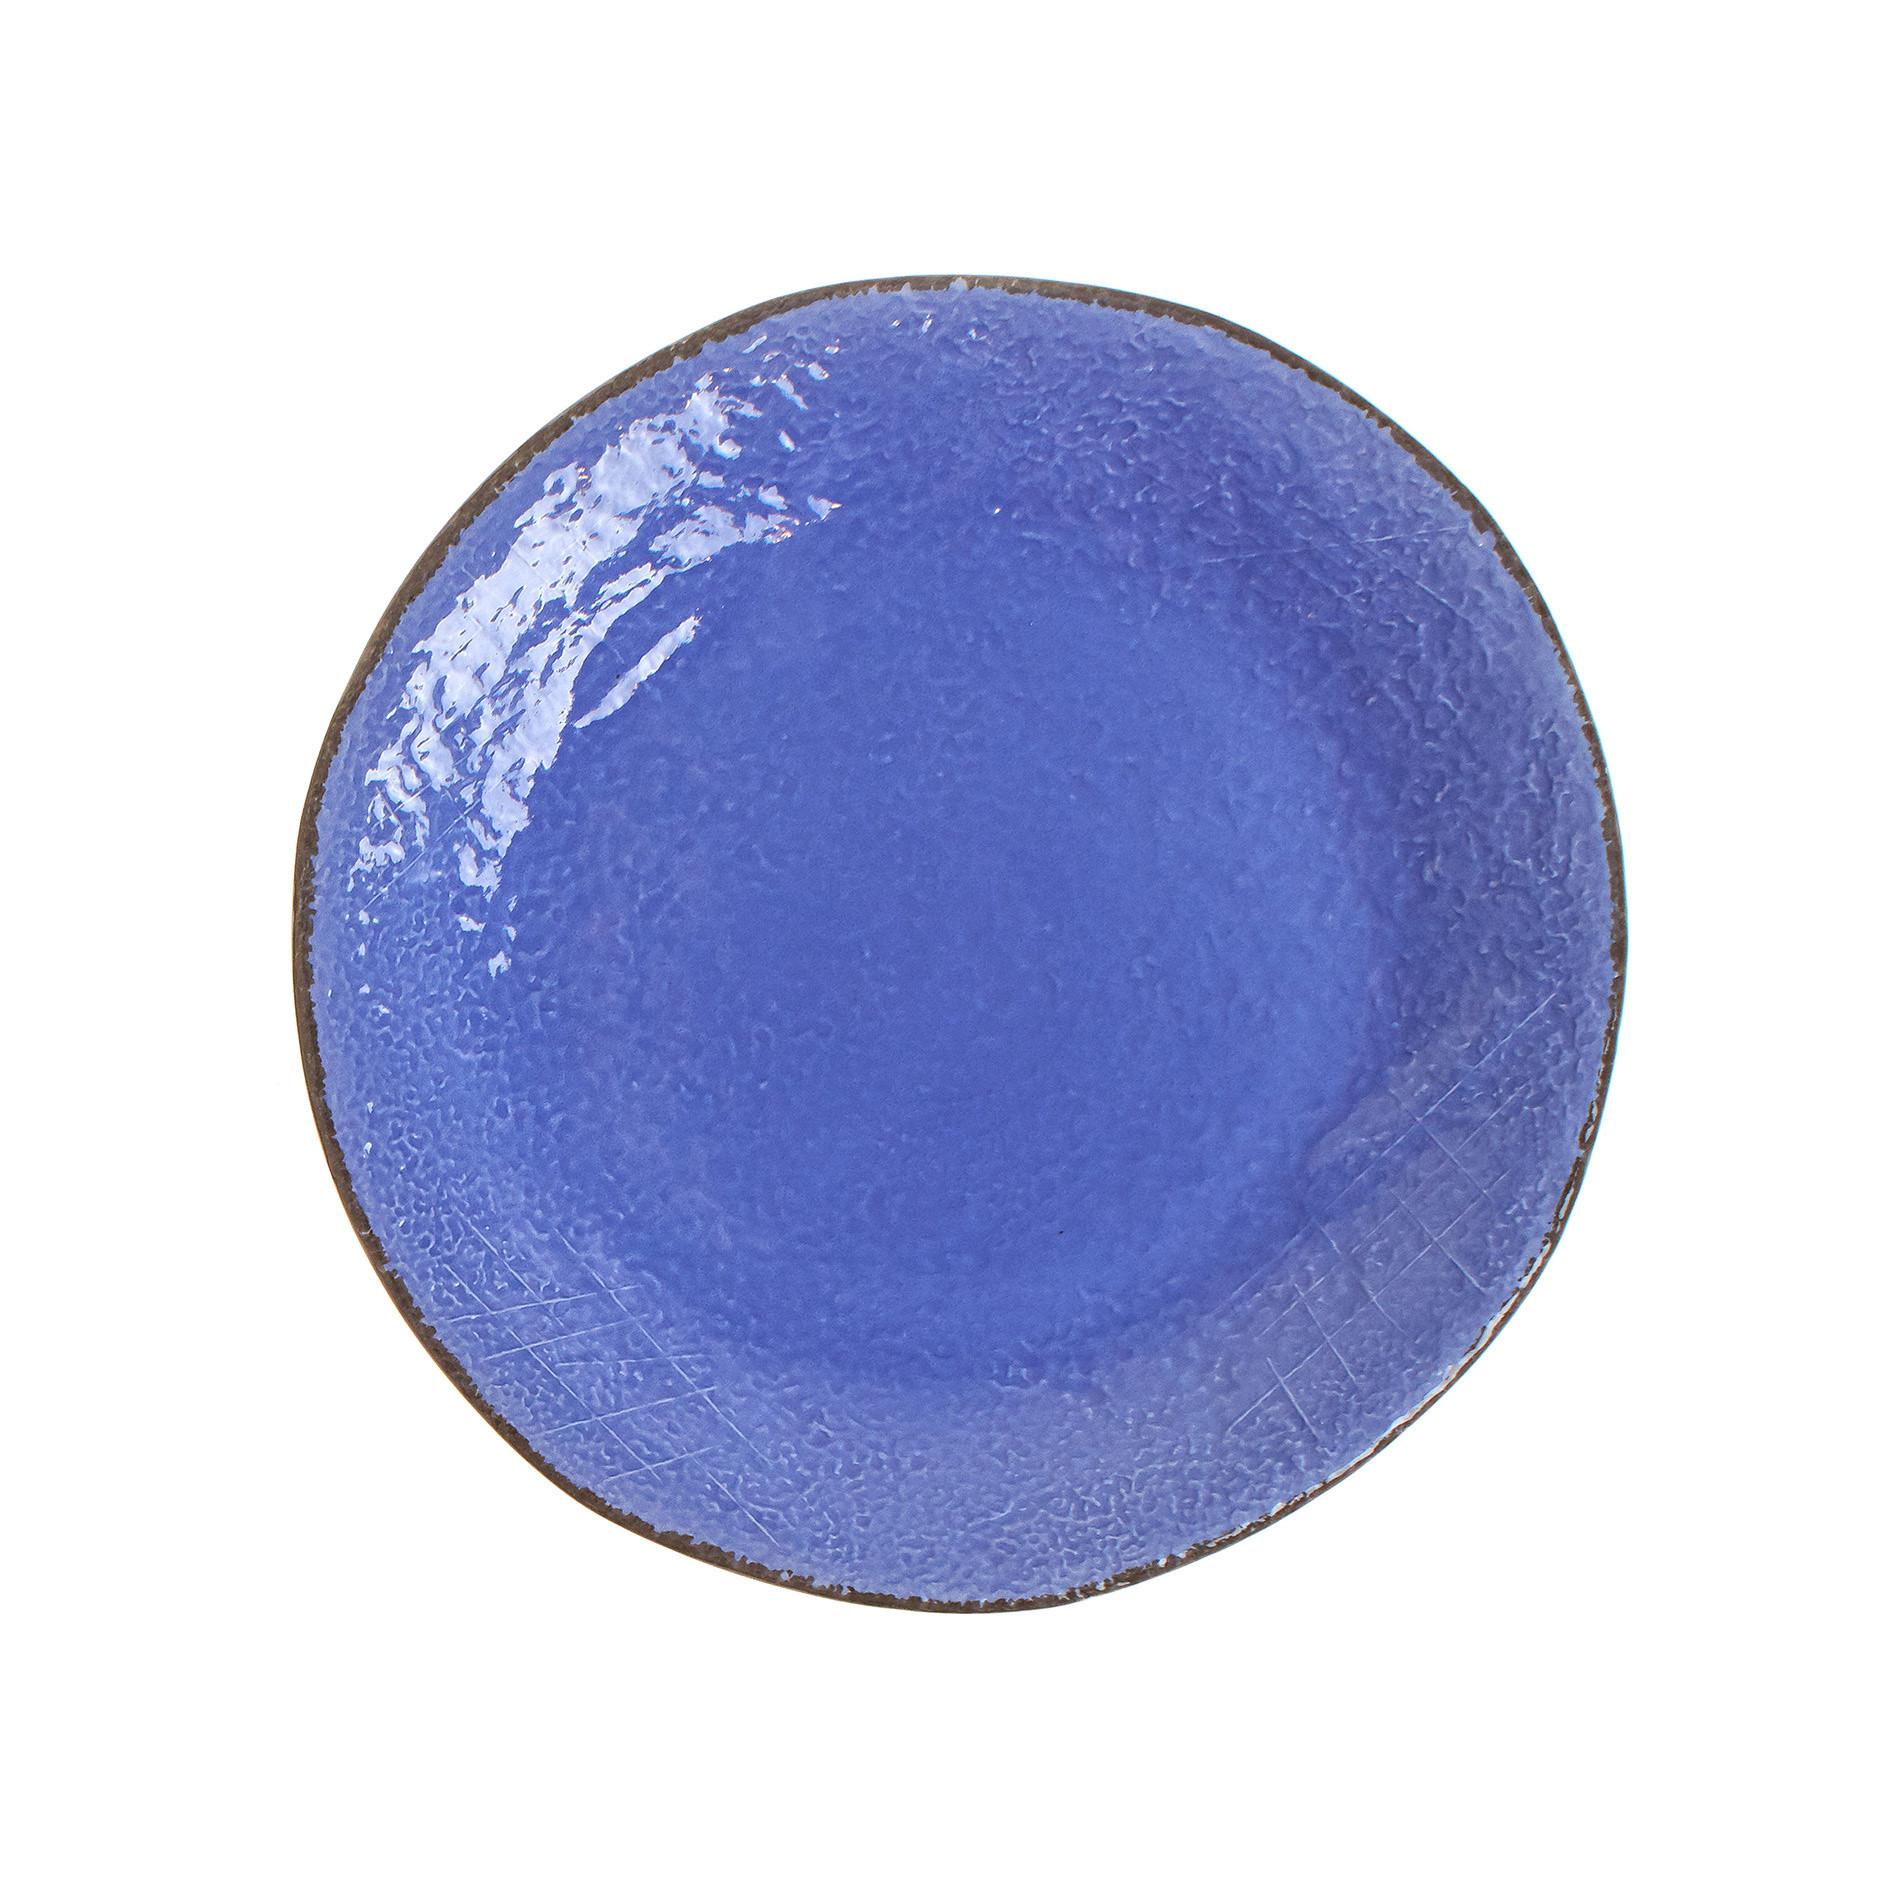 Piatto piano ceramica artigianale Preta, Azzurro, large image number 0